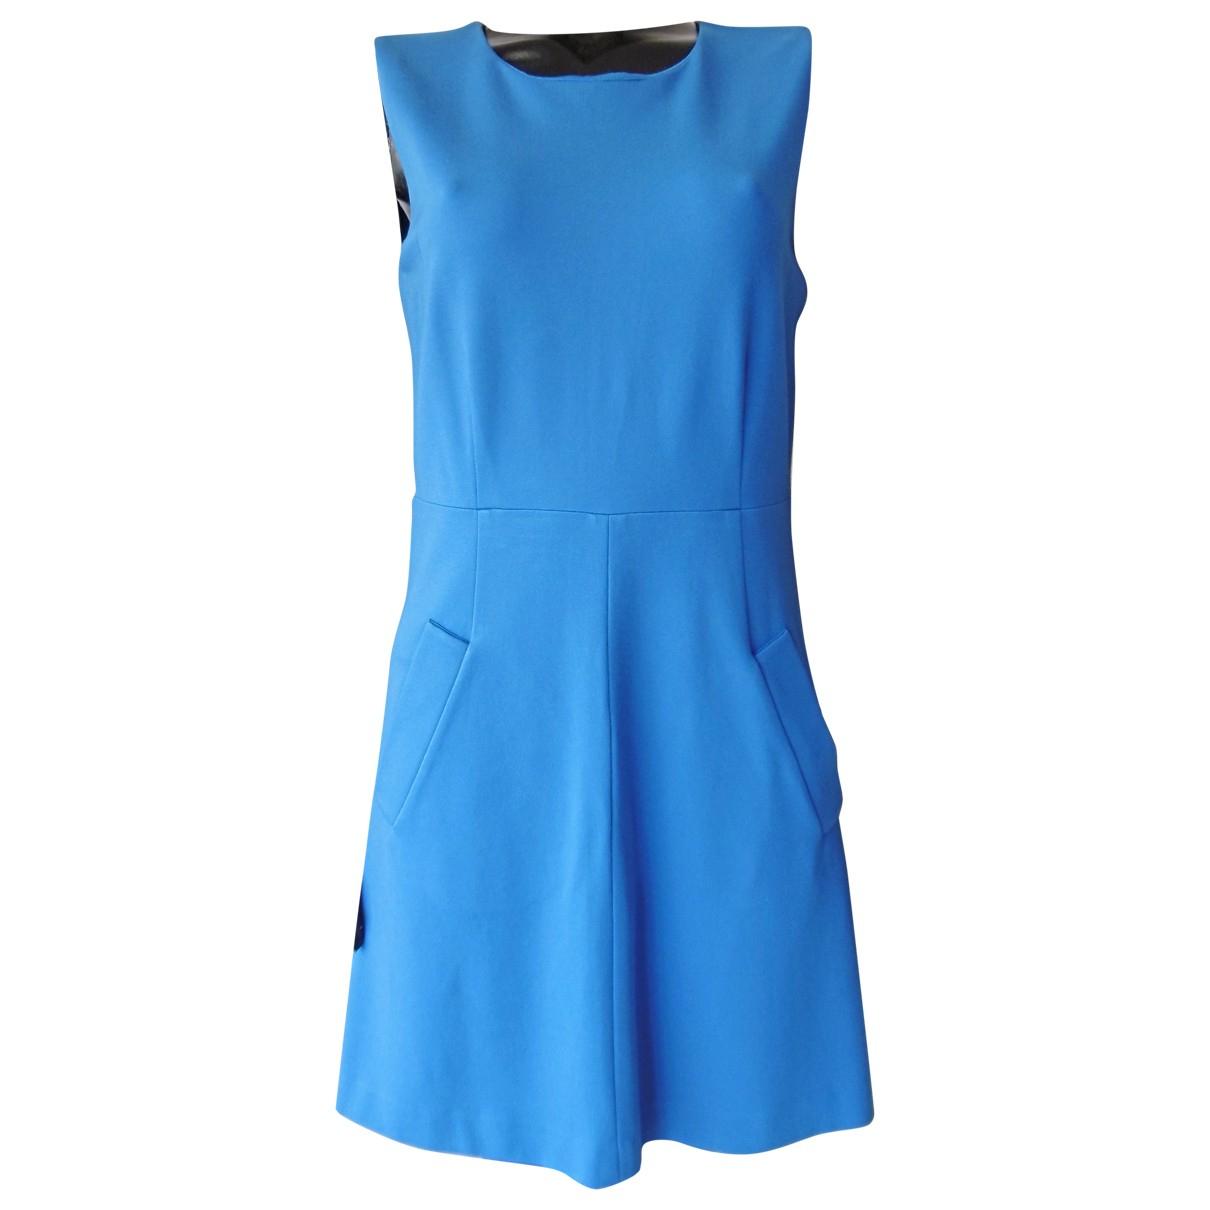 Diane Von Furstenberg \N Kleid in  Blau Synthetik